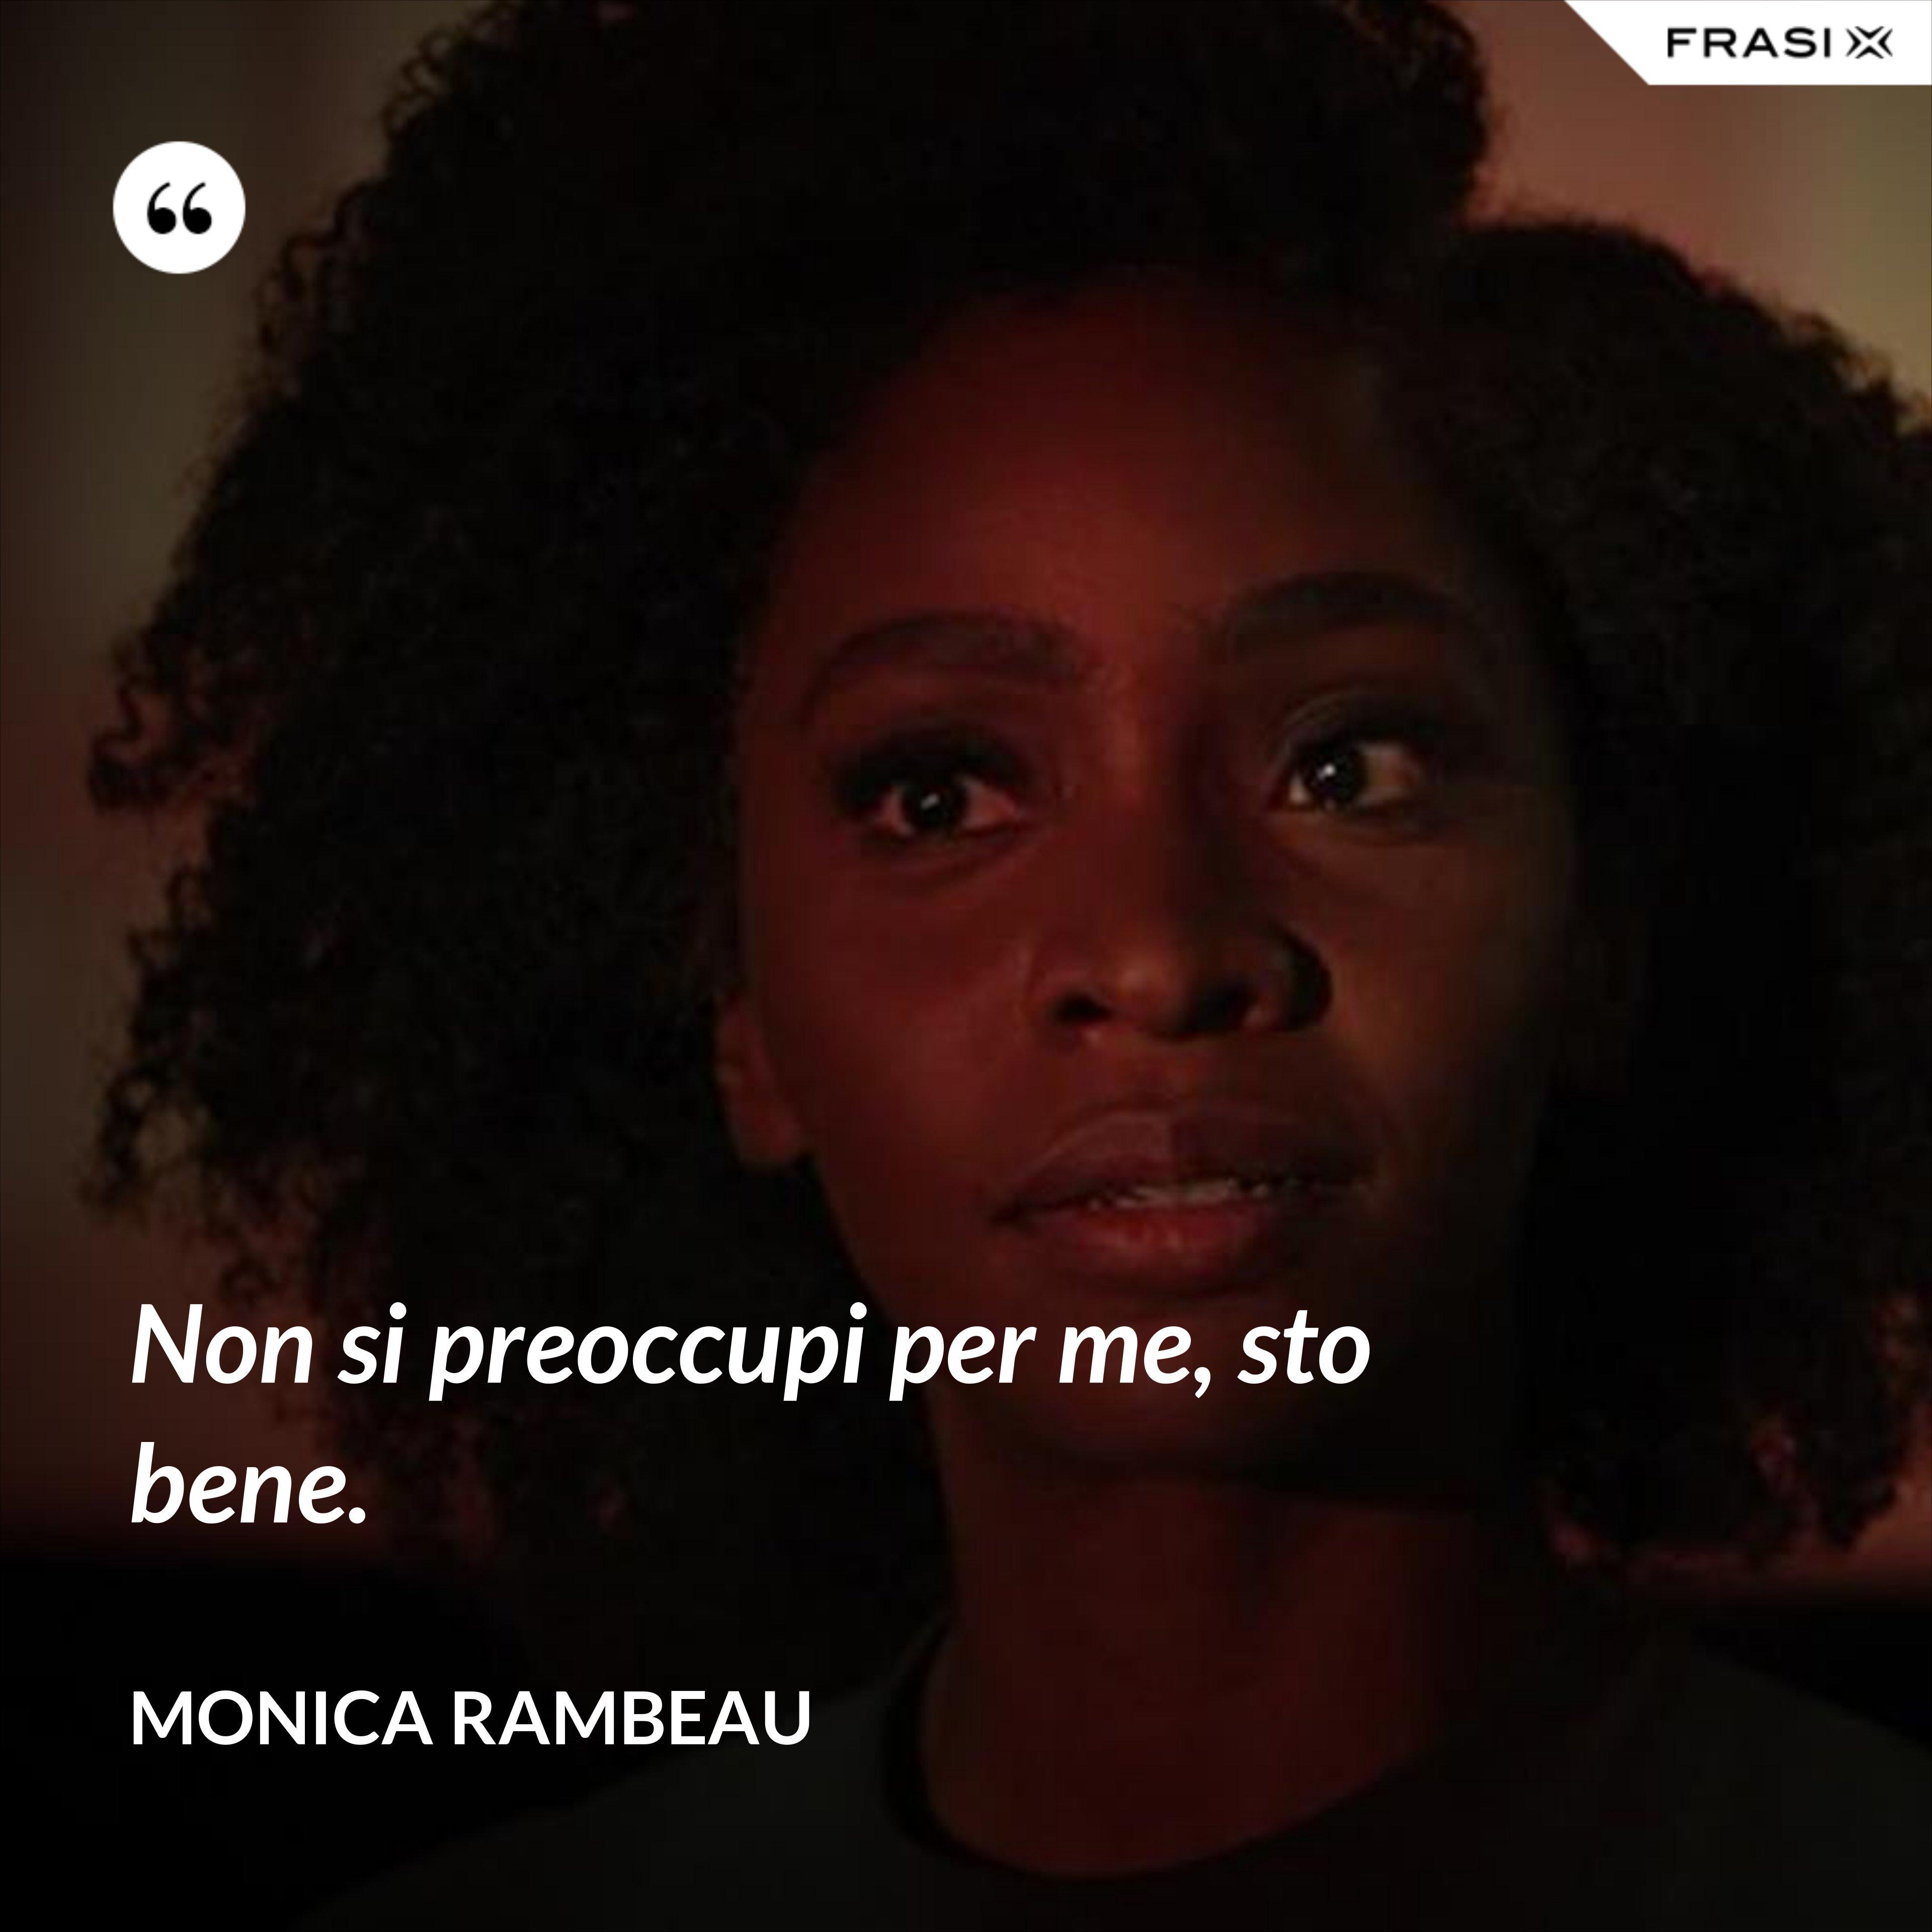 Non si preoccupi per me, sto bene. - Monica Rambeau